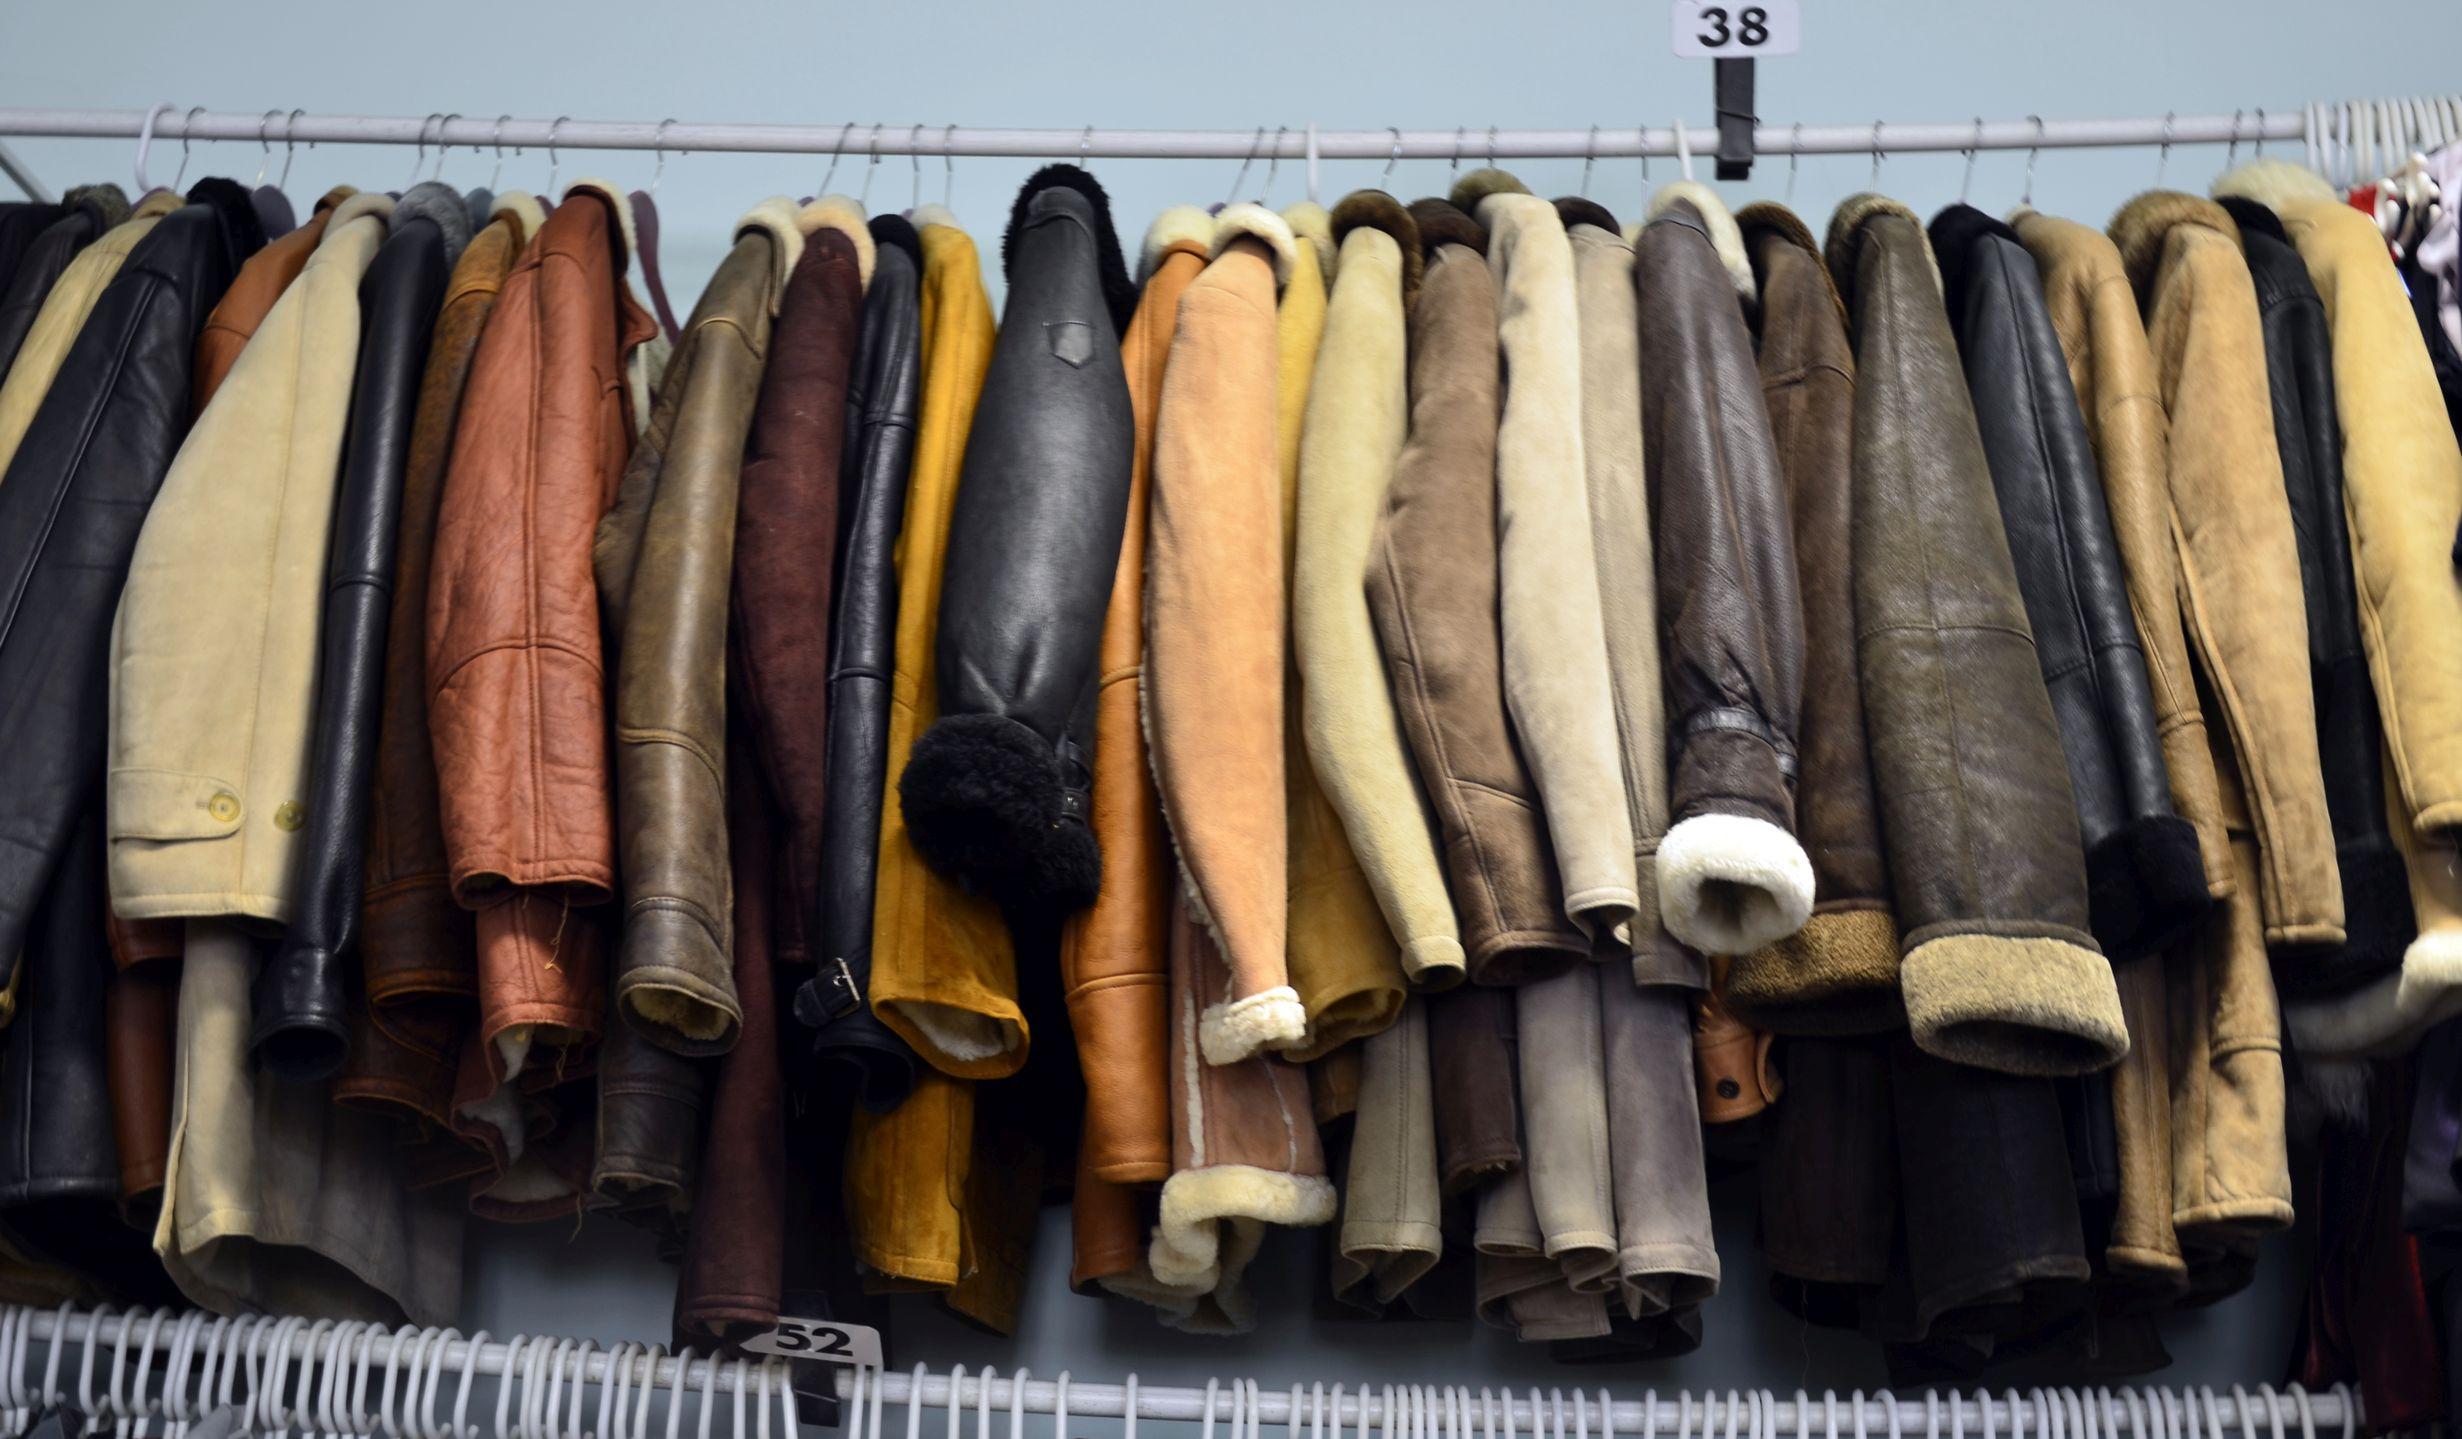 e04aa632cecd ... bőrkabát pécs, bőrkabátok pécs, használt bőrkabát pécs, bőrkabát, használt  bőrkabátok, bőrkabátok